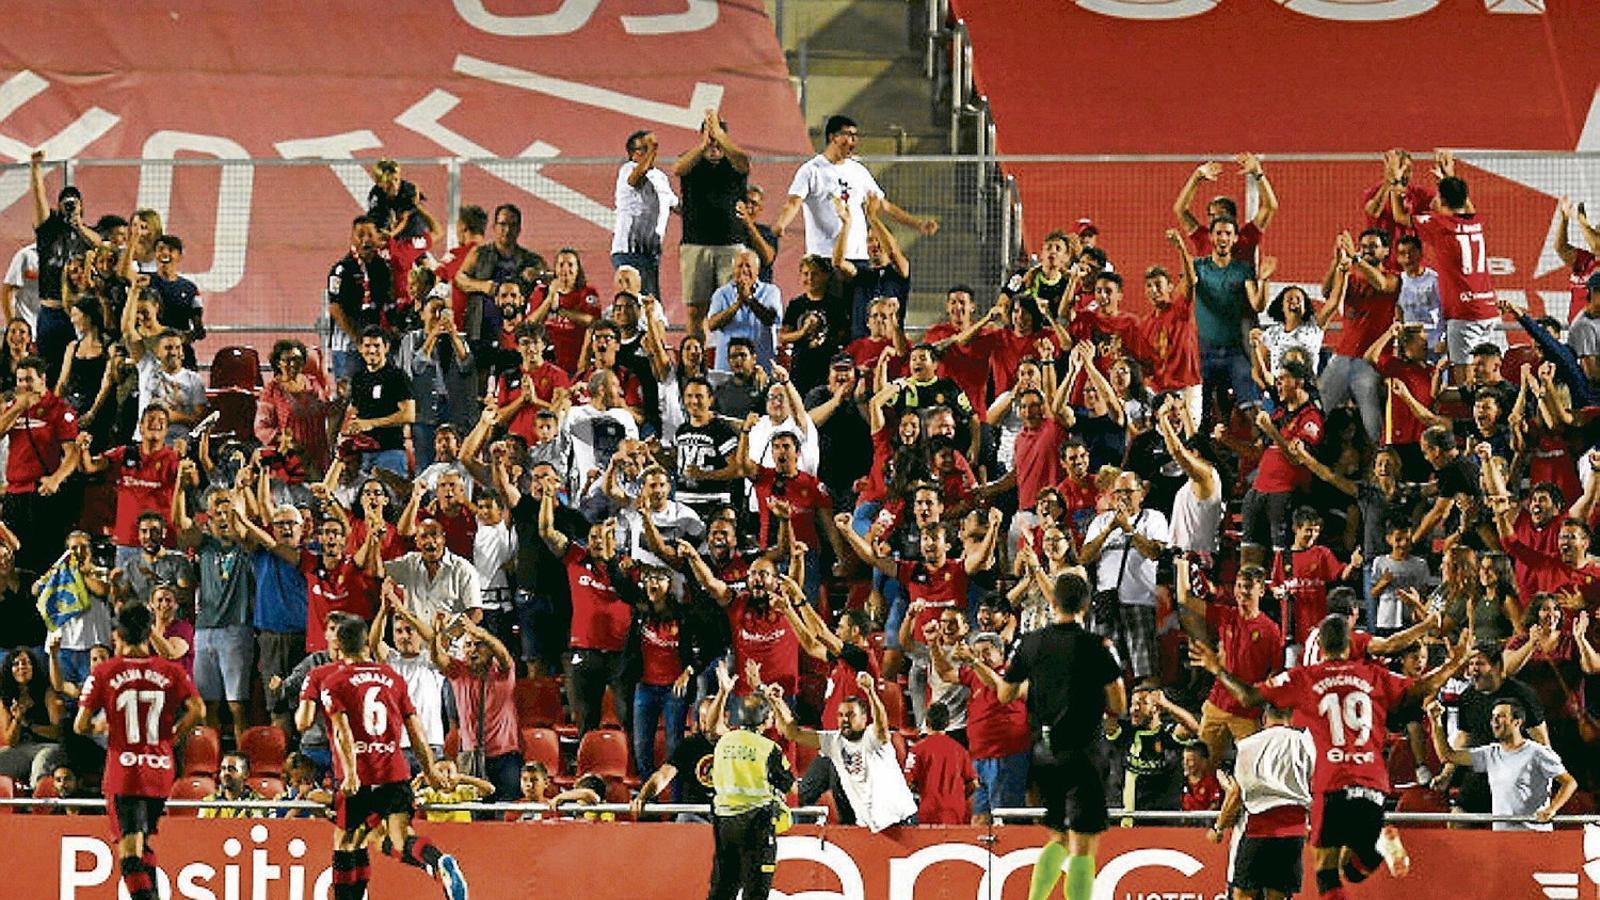 9.000 espectadors varen presenciar la victòria que deixa el Mallorca en una posició de privilegi.